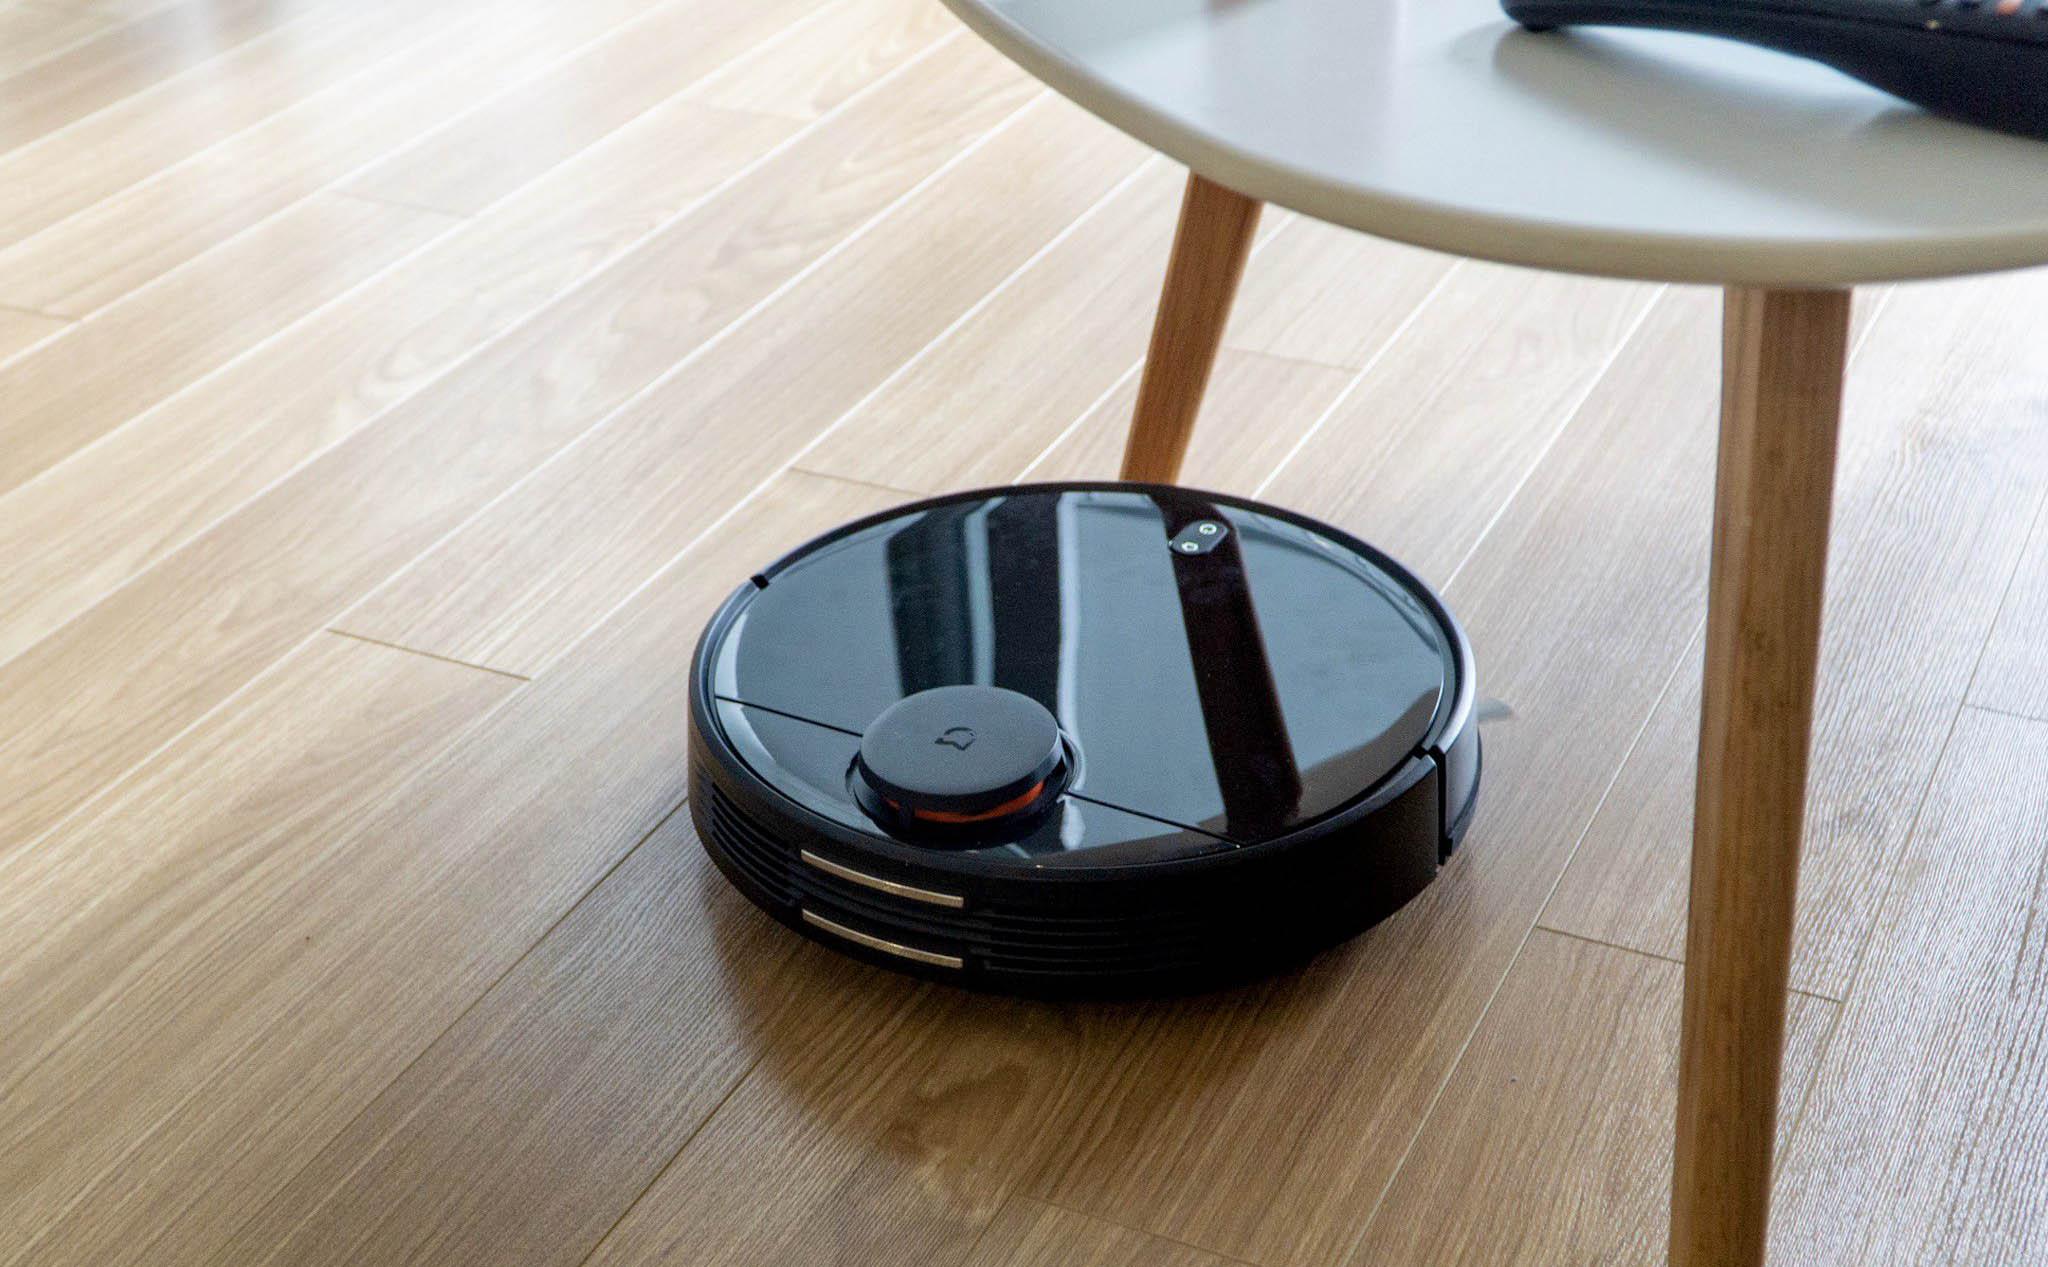 Trên tay robot hút bụi và lau nhà Xiaomi Mijia